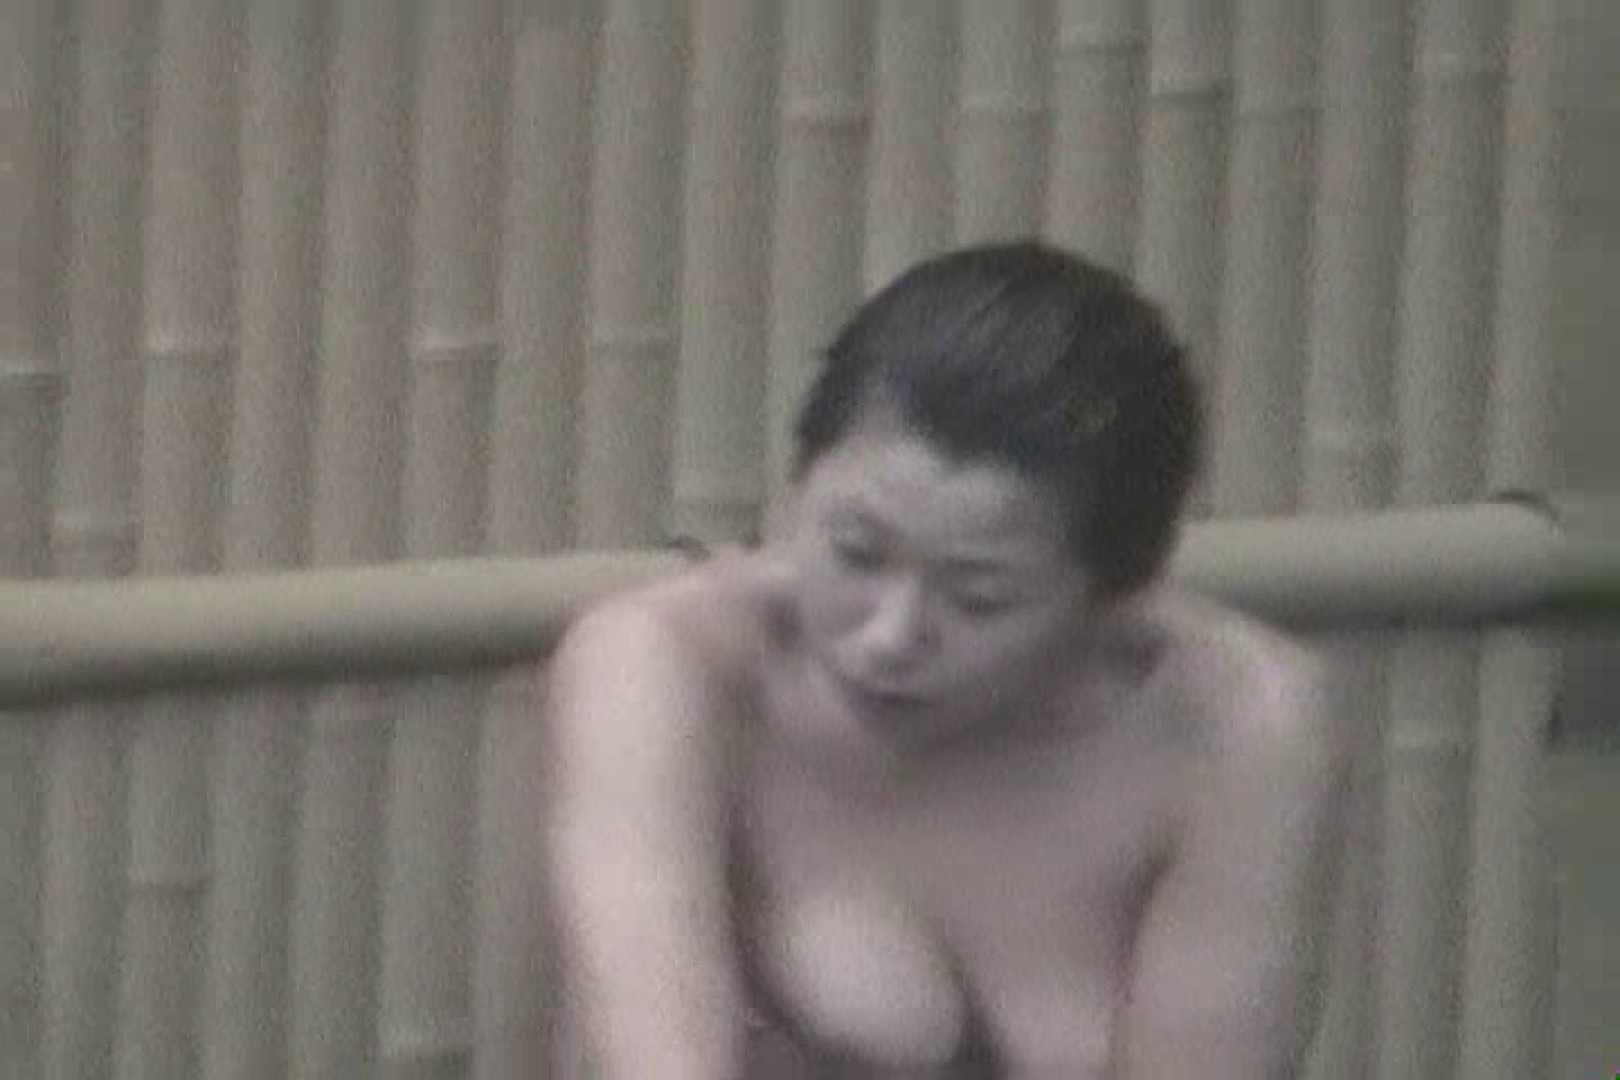 Aquaな露天風呂Vol.555 盗撮 | 綺麗なOLたち  89枚 76